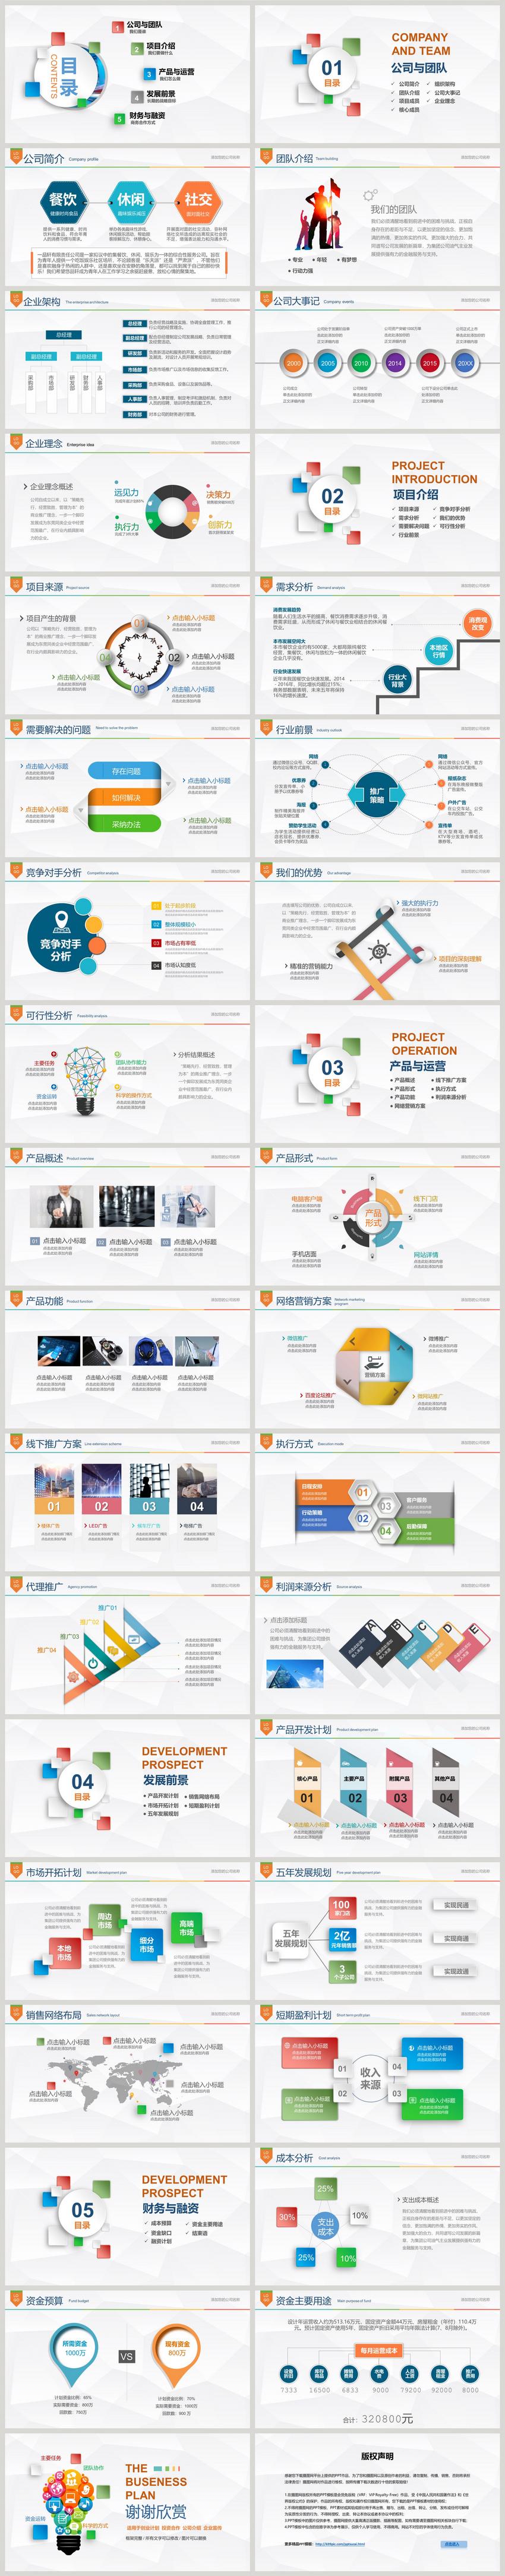 创业计划书ppt下载_创业融资计划书PPT模板图片-正版模板下载400154219-摄图网